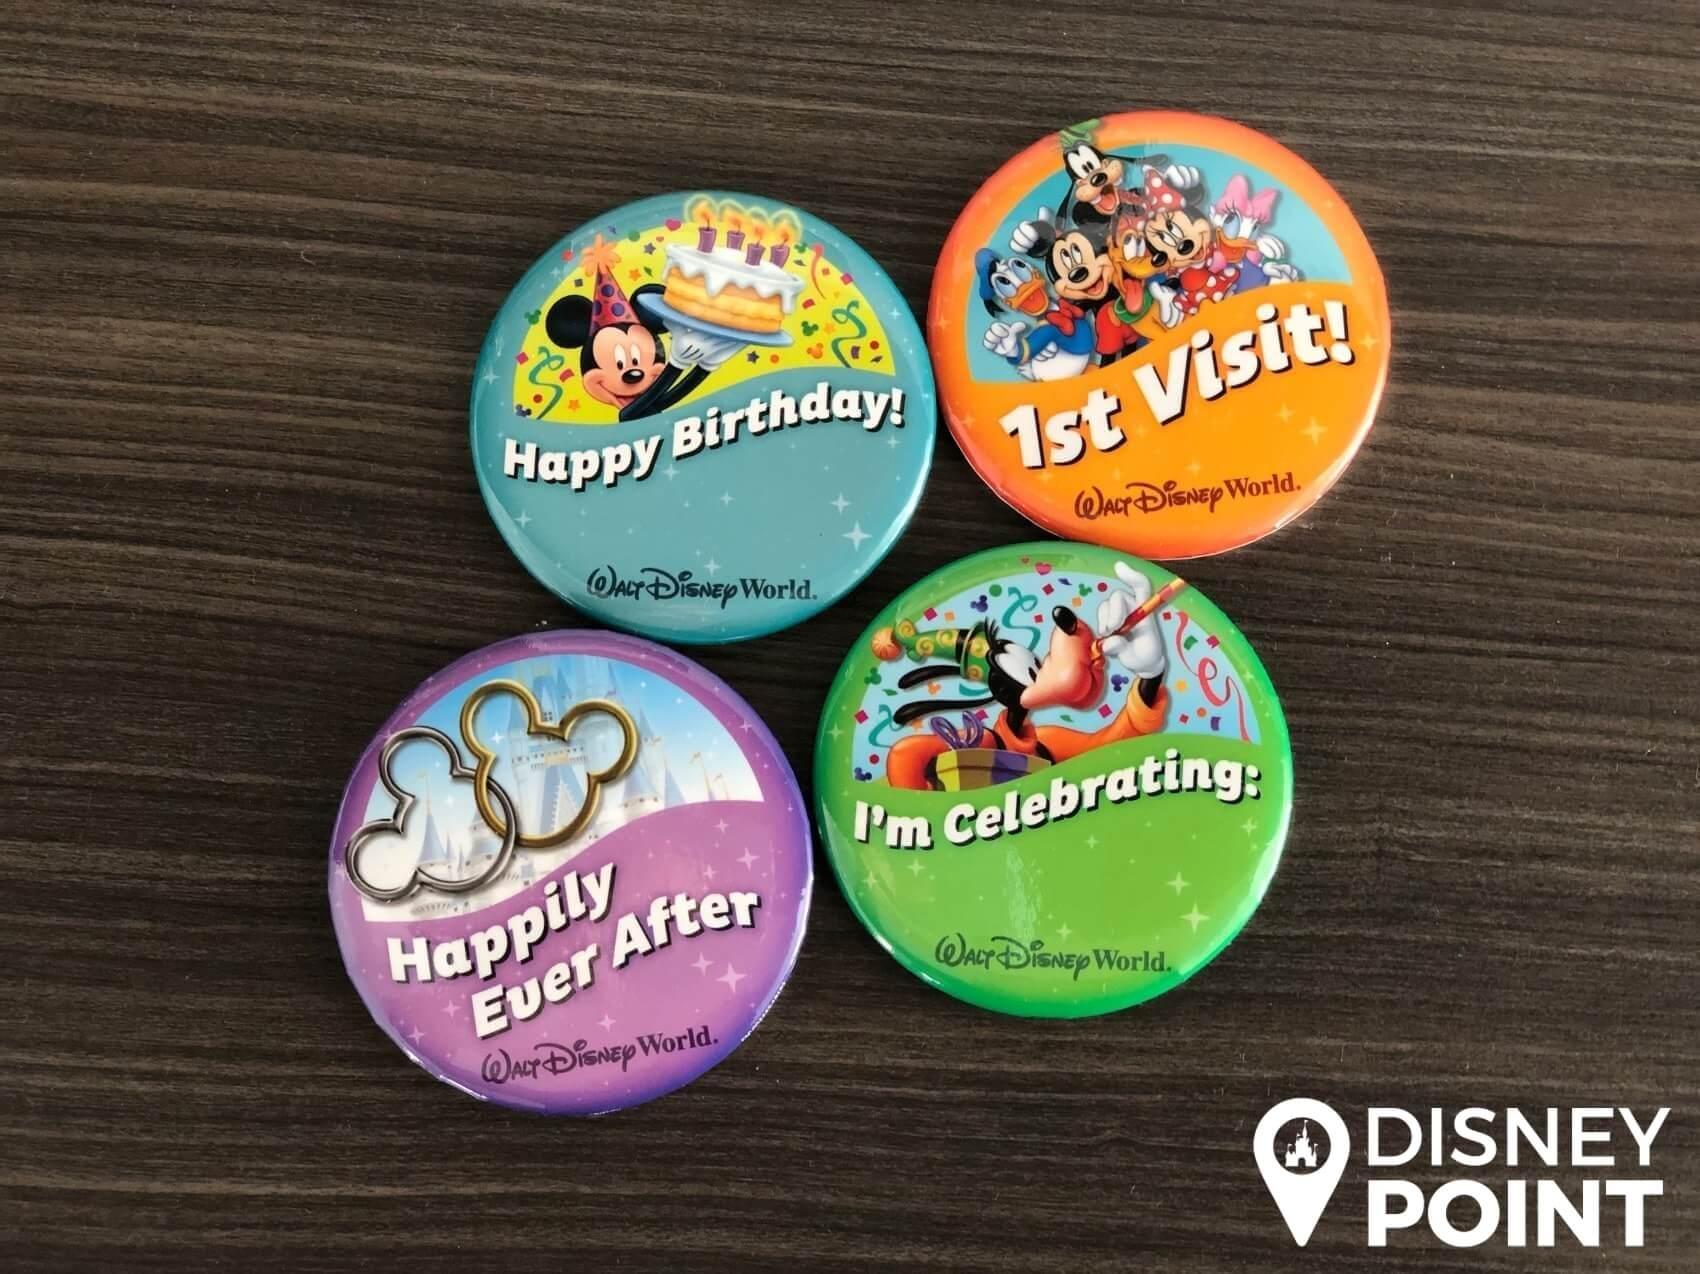 Disney Point Button Grátis Disney Visita Aniversario Lua de Mel Celebração-min